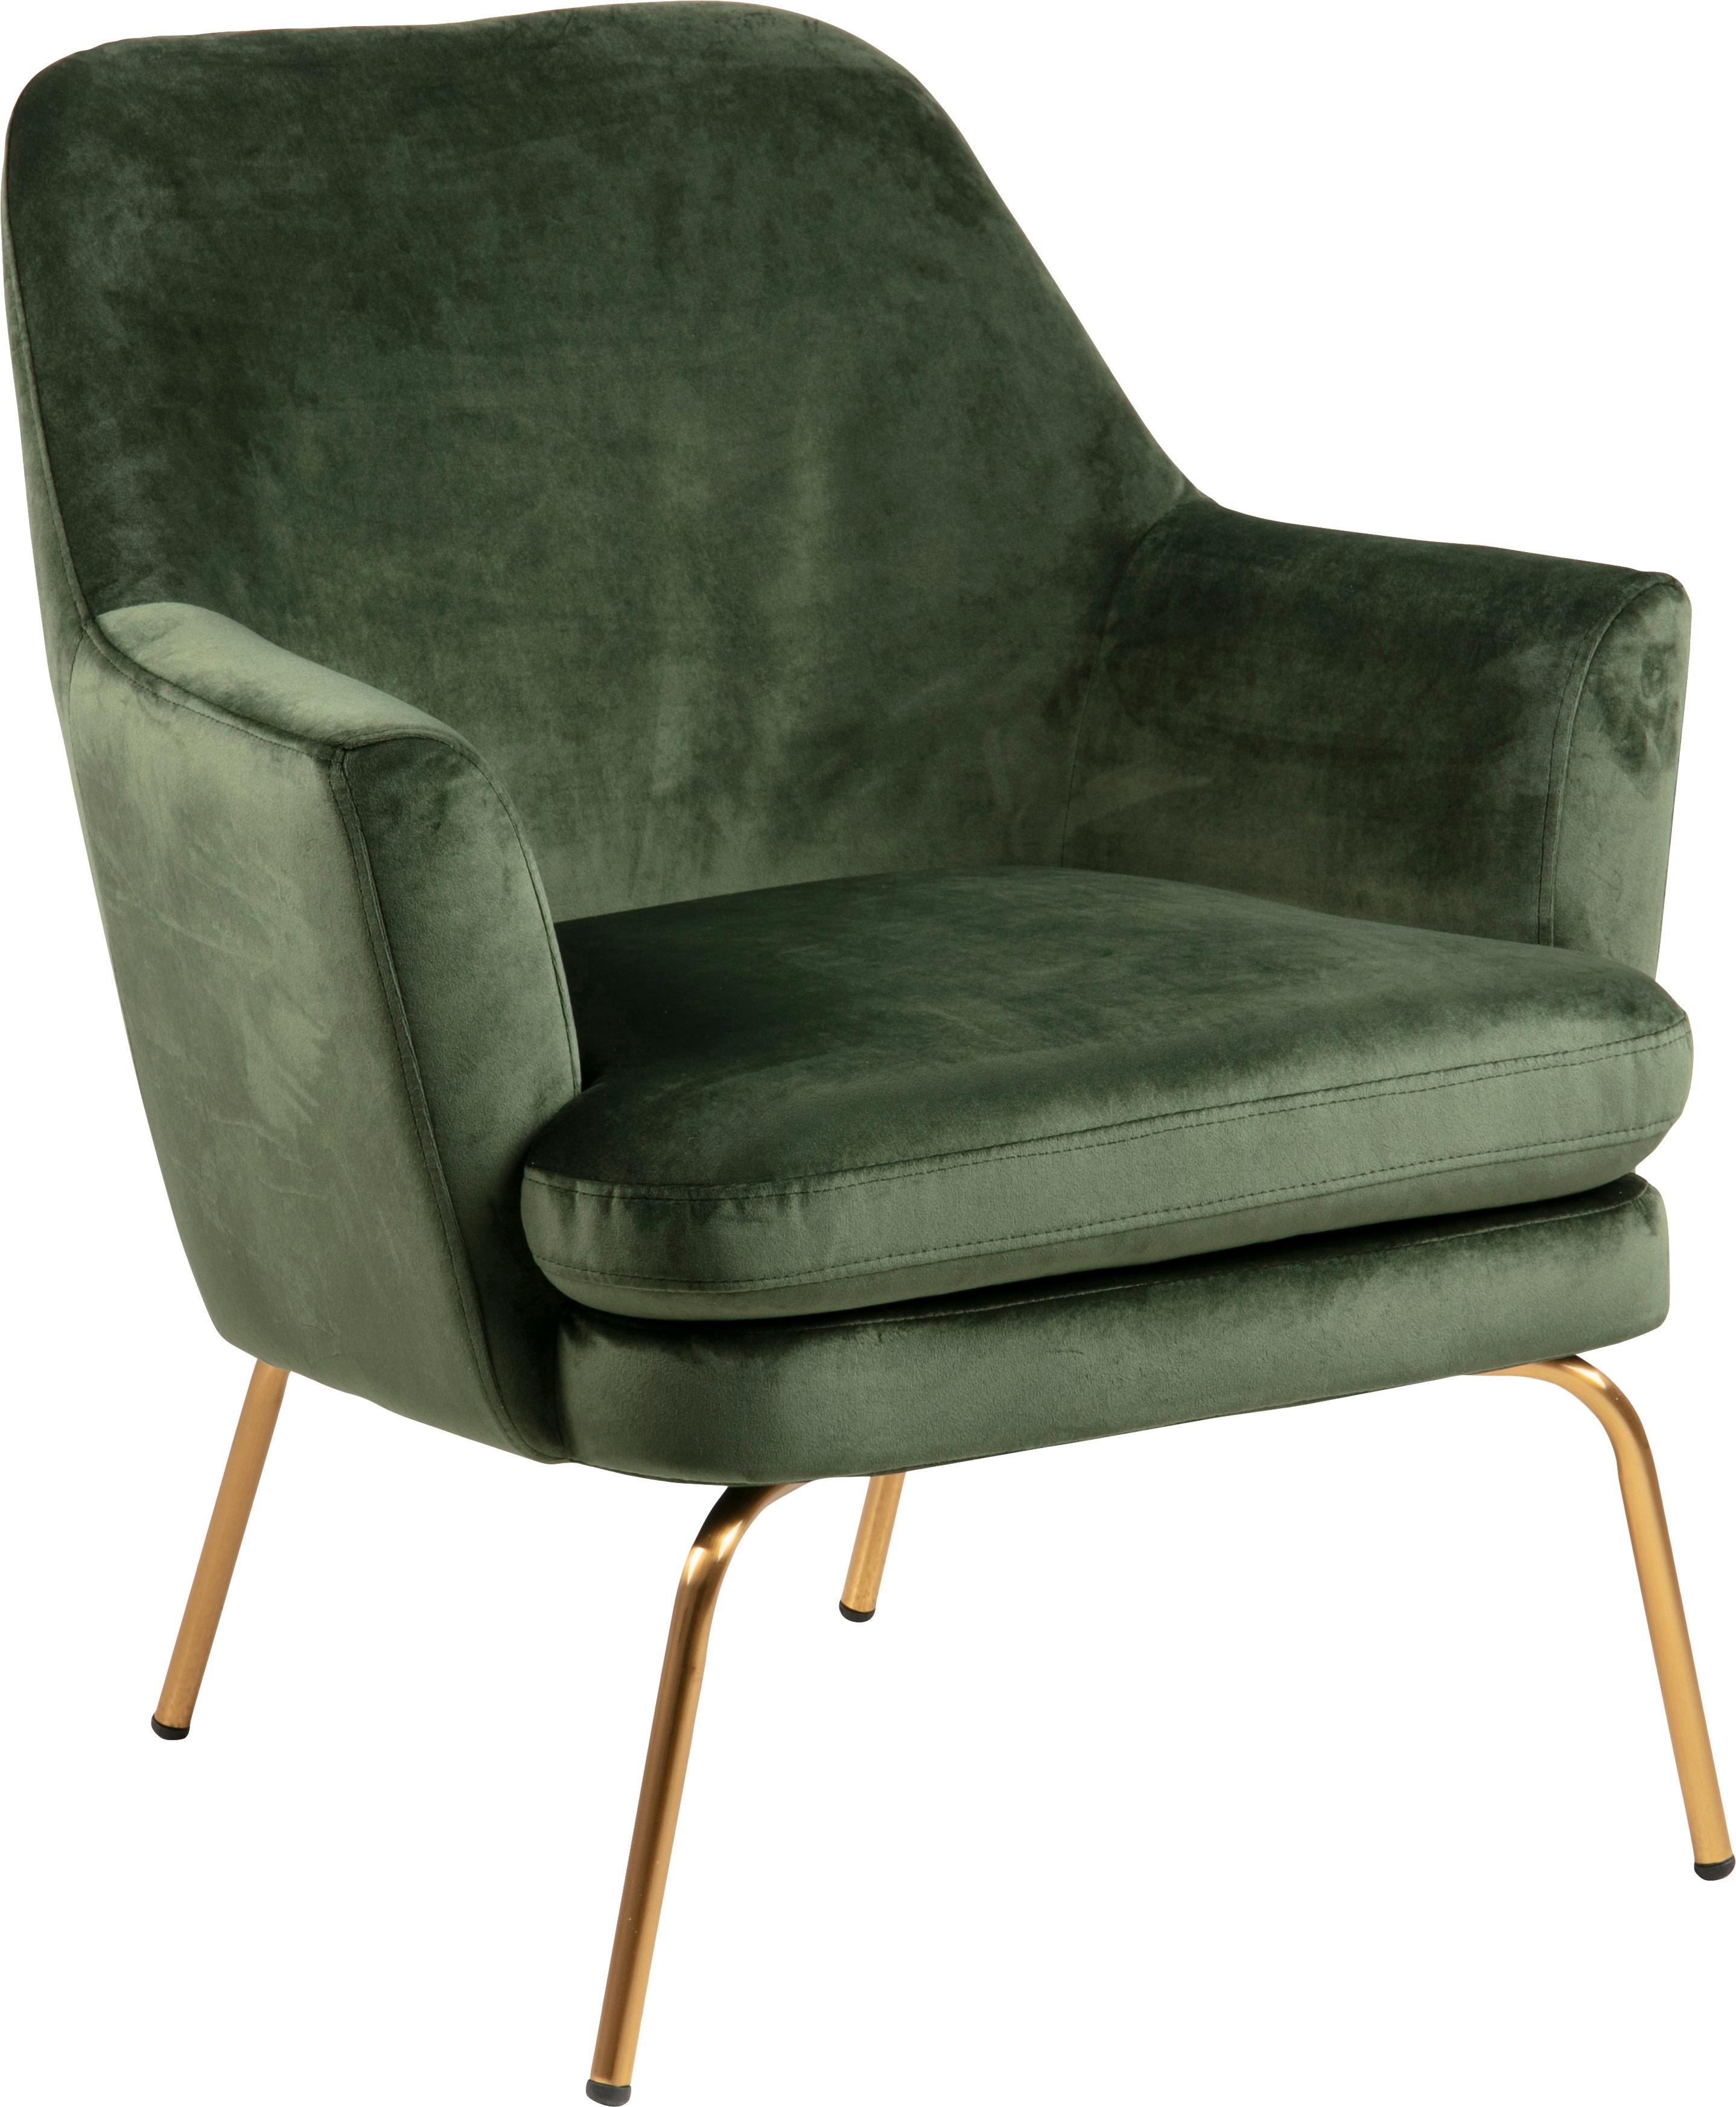 Samt-Loungesessel Chisa, Bezug: Polyestersamt 25.000 Sche, Beine: Metall, lackiert, Samt Waldgrün, B 68 x T 73 cm